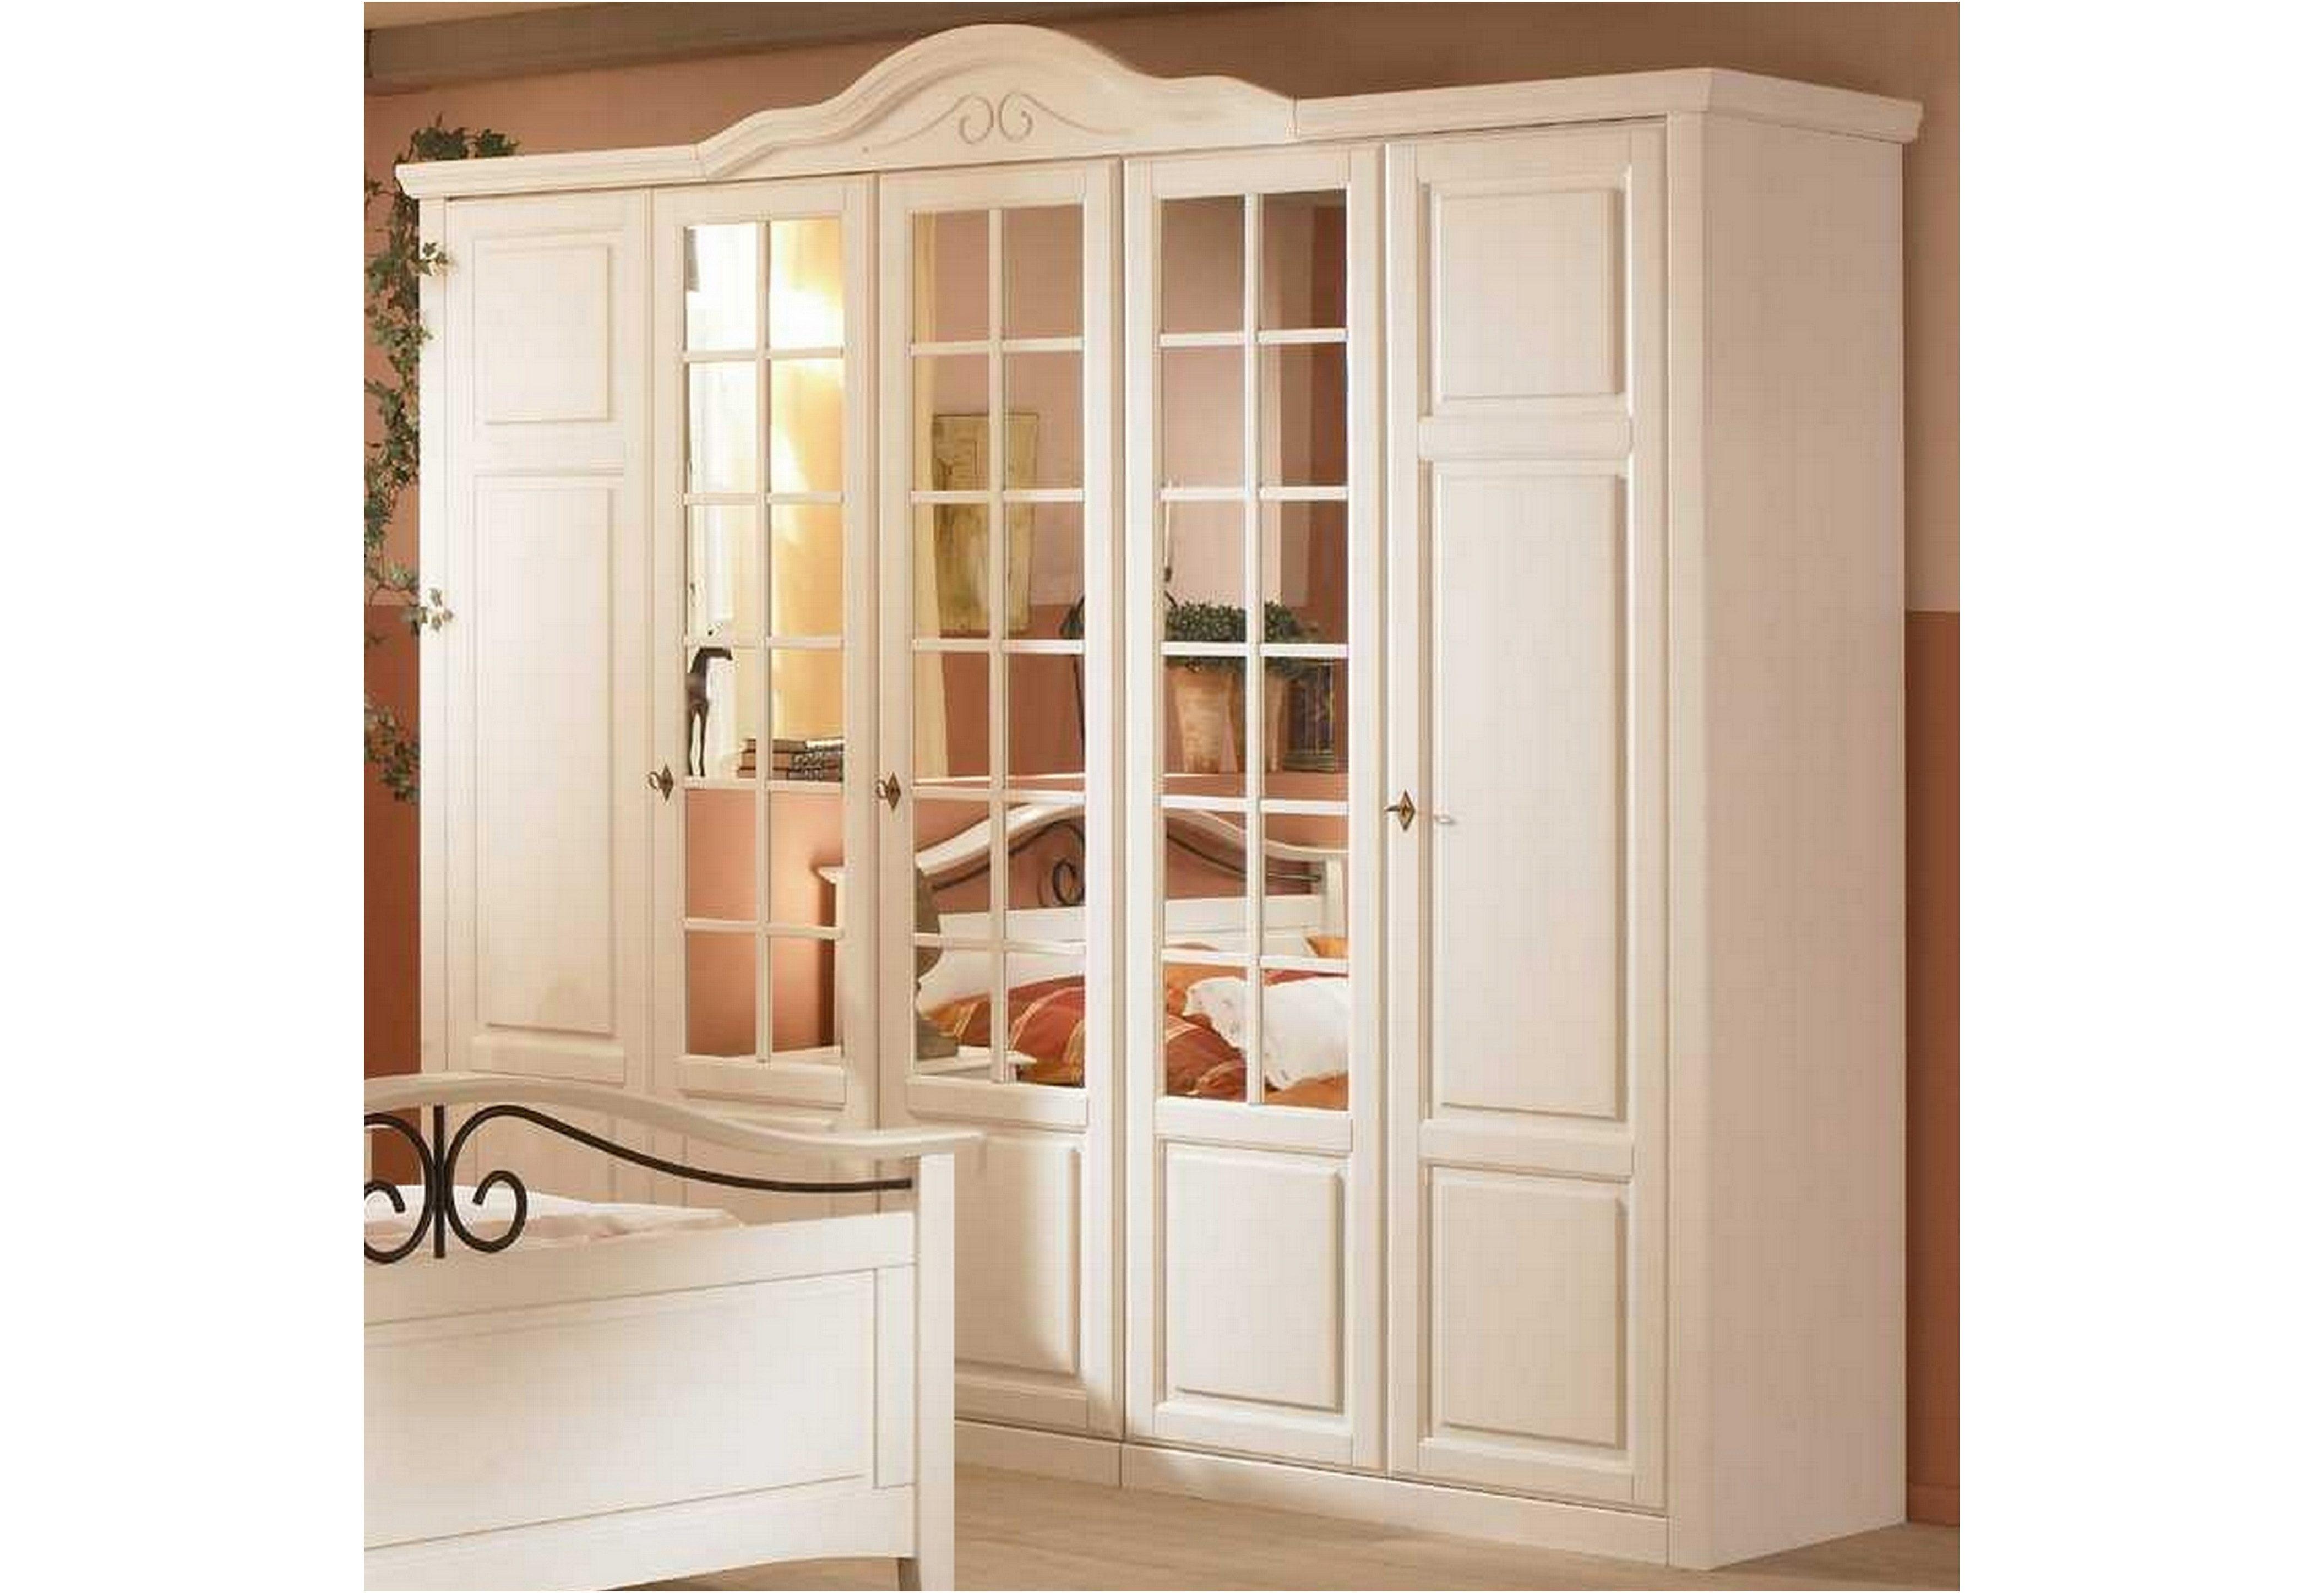 Premium collection by Home affaire Kleiderschrank »Carlo« kaufen   BAUR